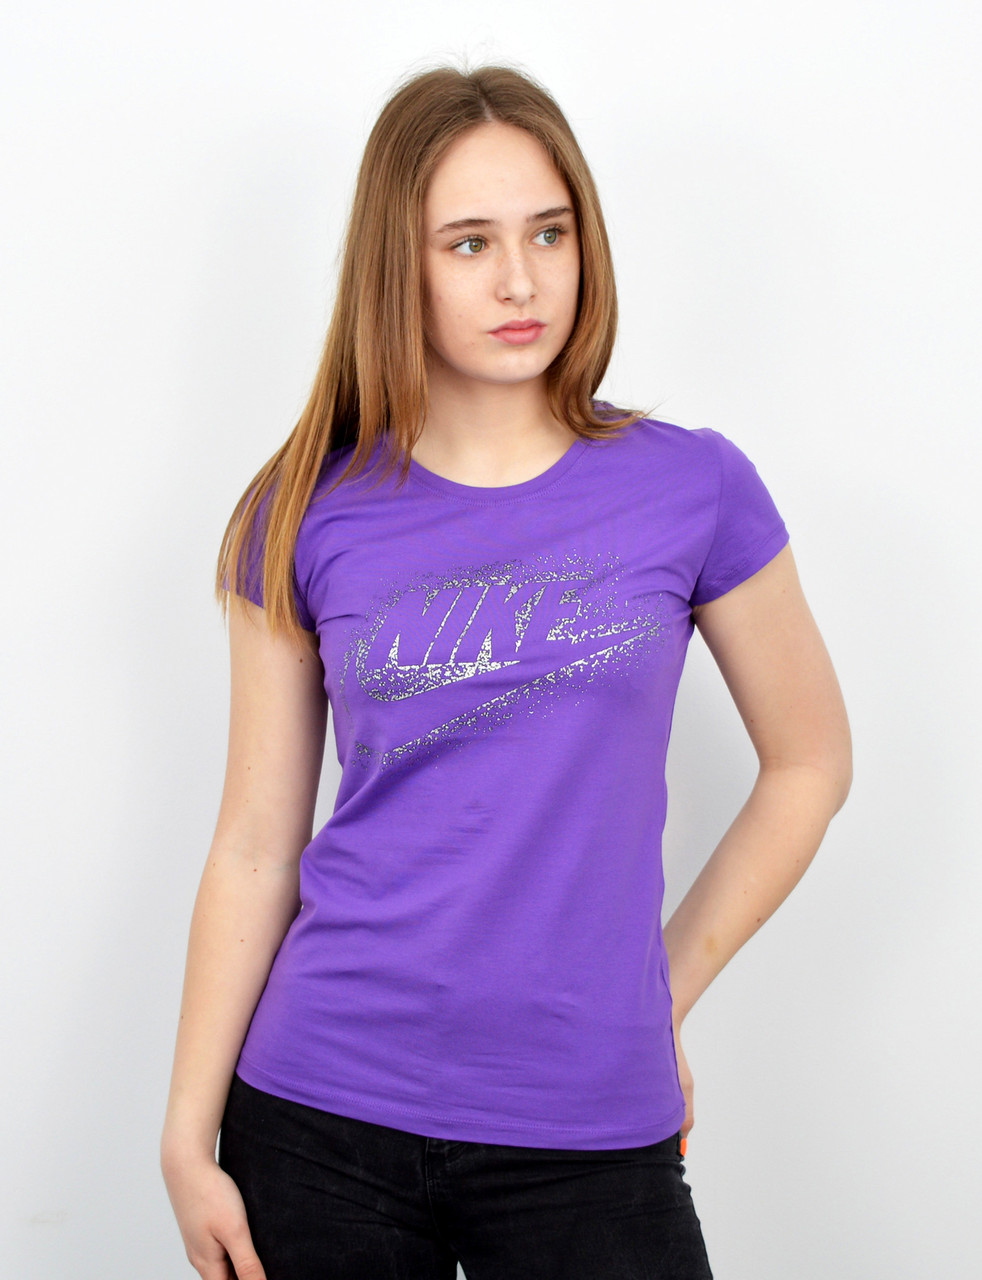 Спортивная женская футболка оптом V0220 лиловый+серебро